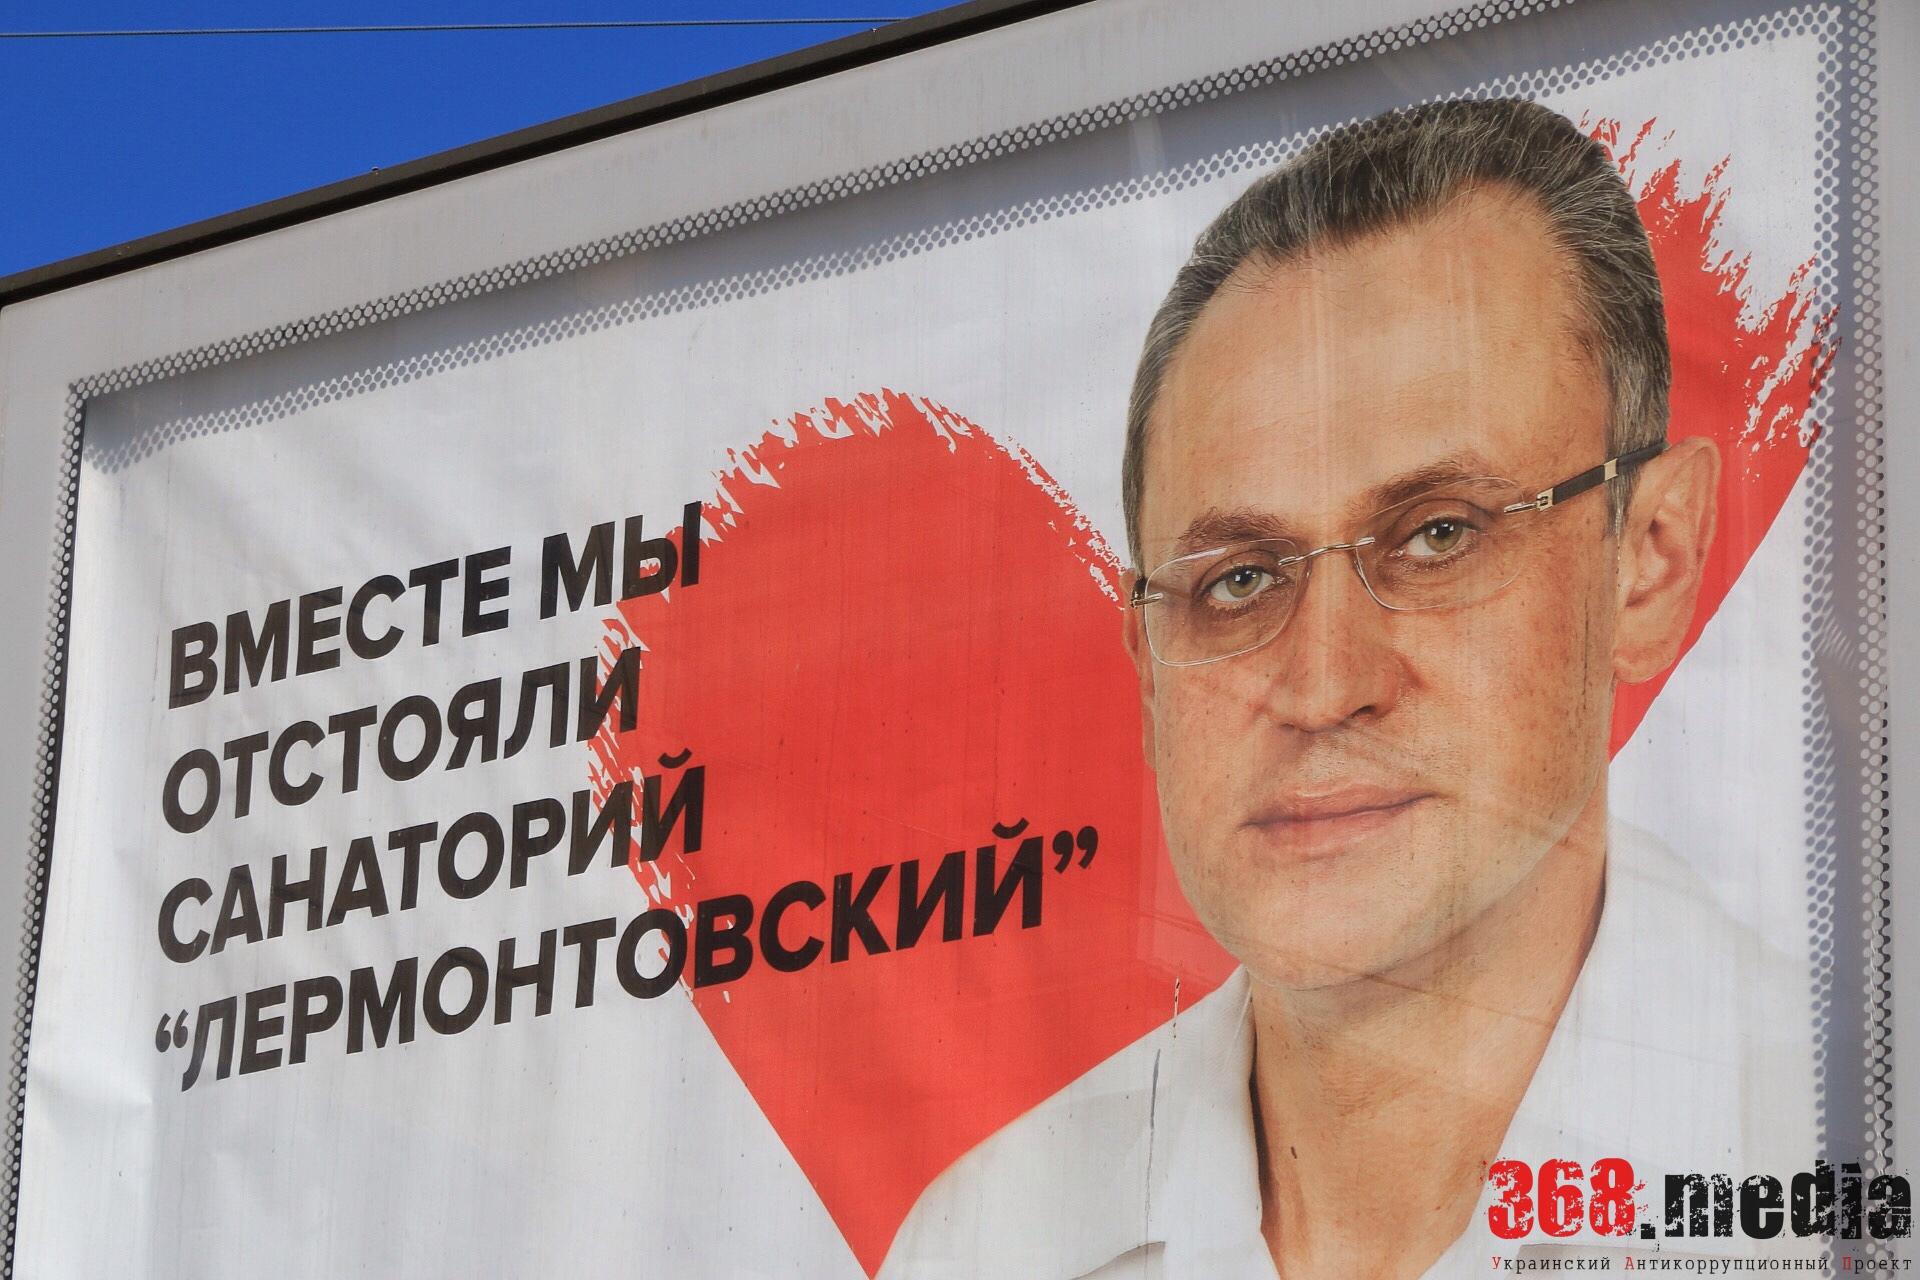 Одесский депутат Селянин «помог» санаторию: суд передал «Лермонтовский» Минюсту